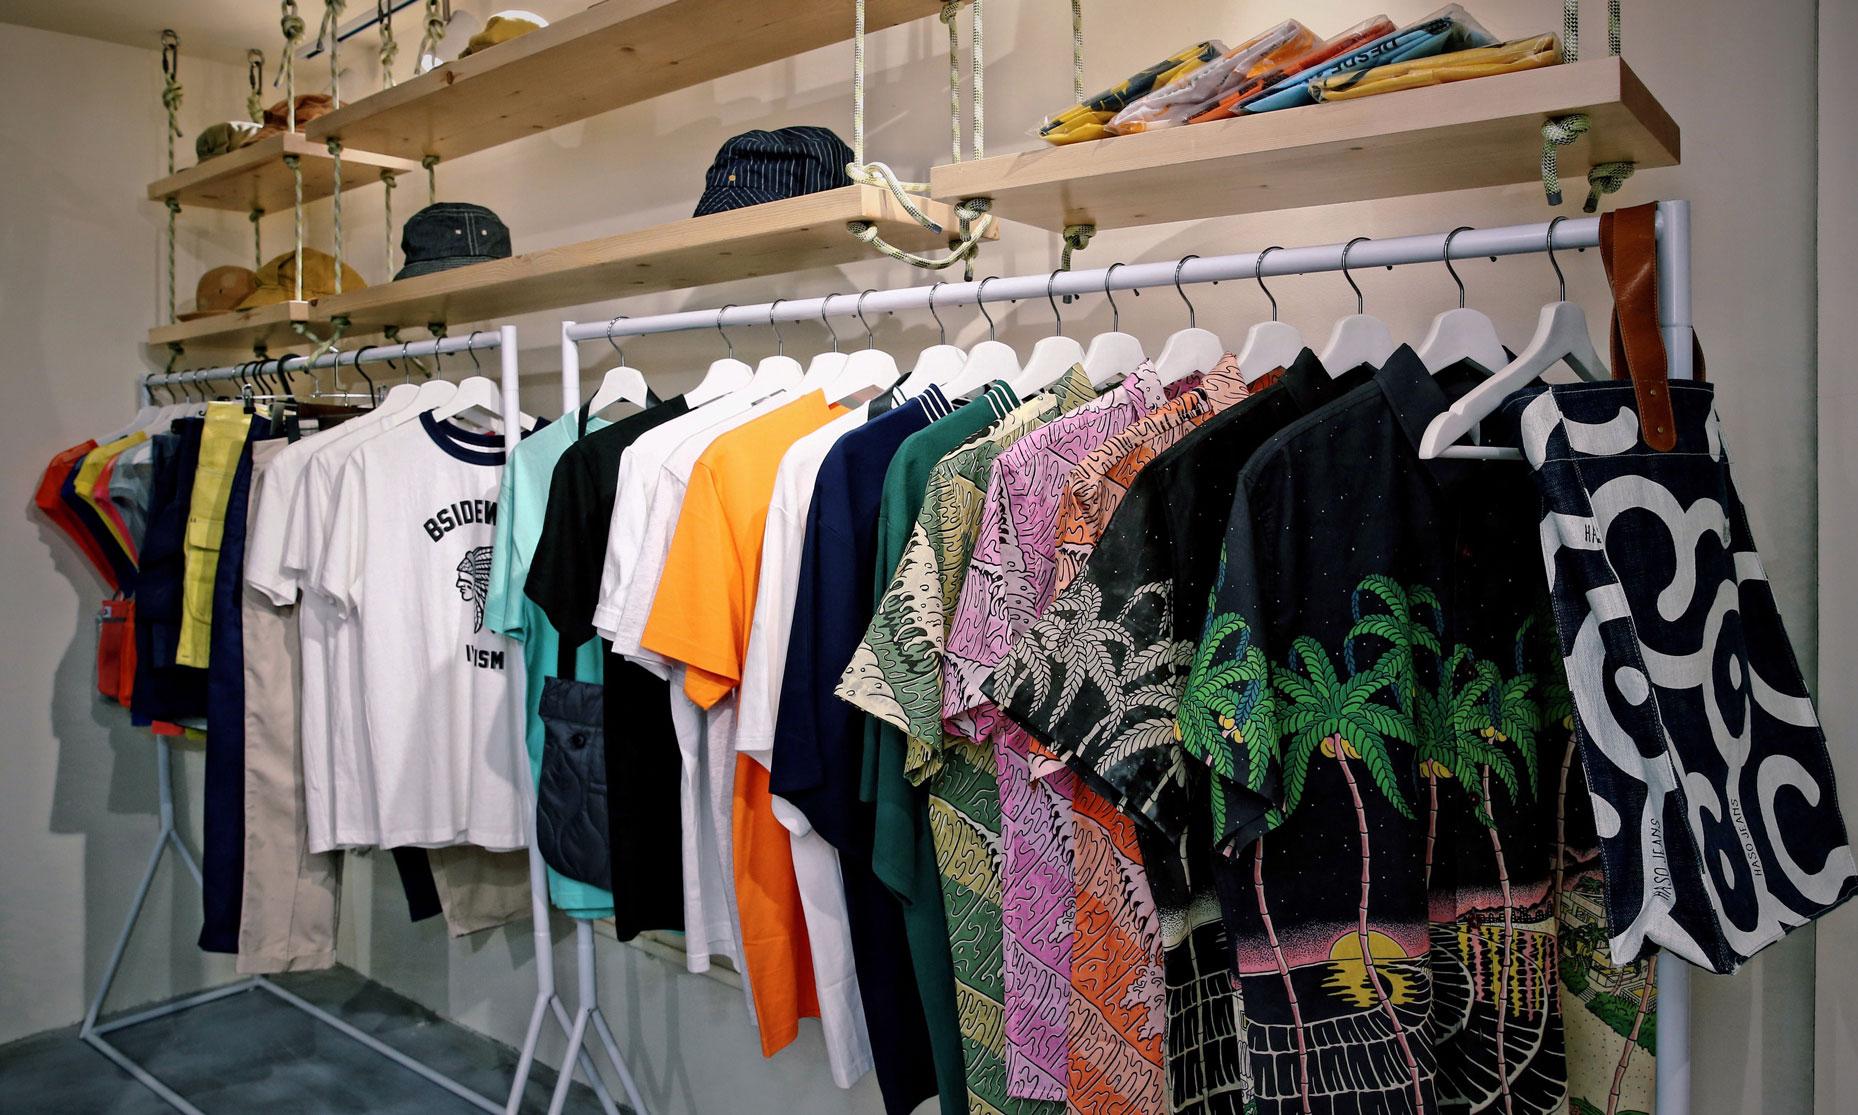 沪上全新 Urban Outdoor 风格品牌集合店「铜 TON」正式开业